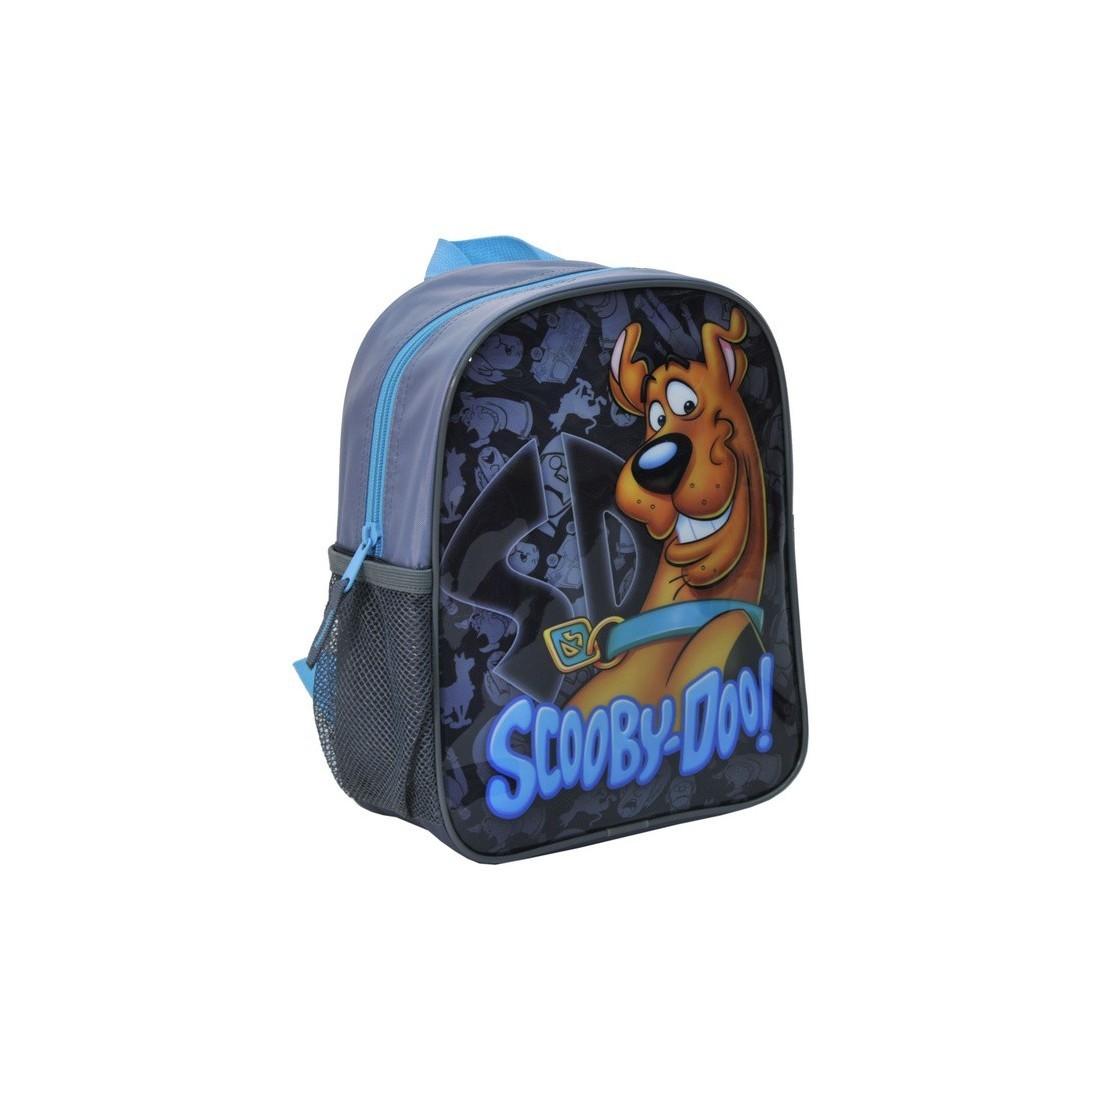 Plecaczek Scooby-Doo - plecak-tornister.pl